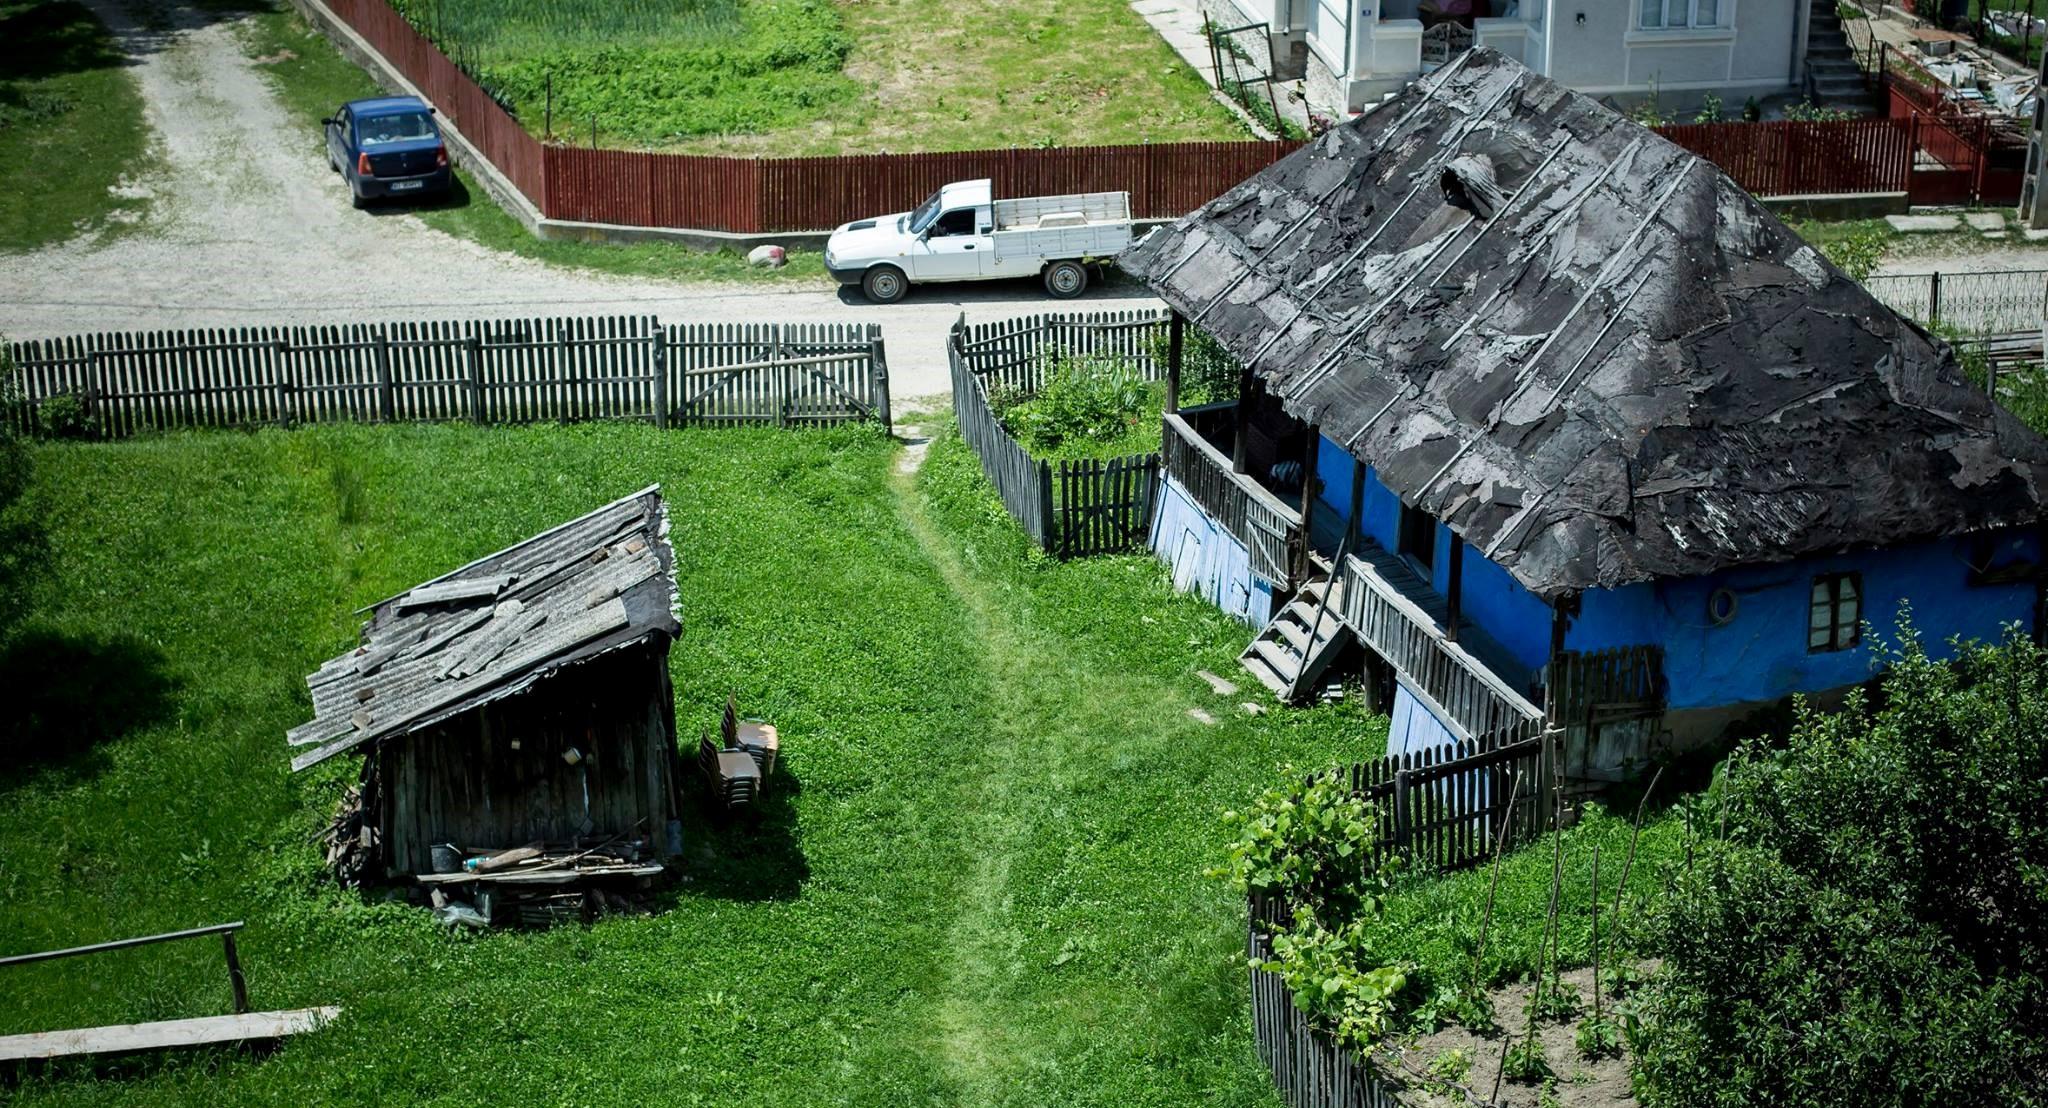 Cum contribuim la schimbarea situației României rurale?